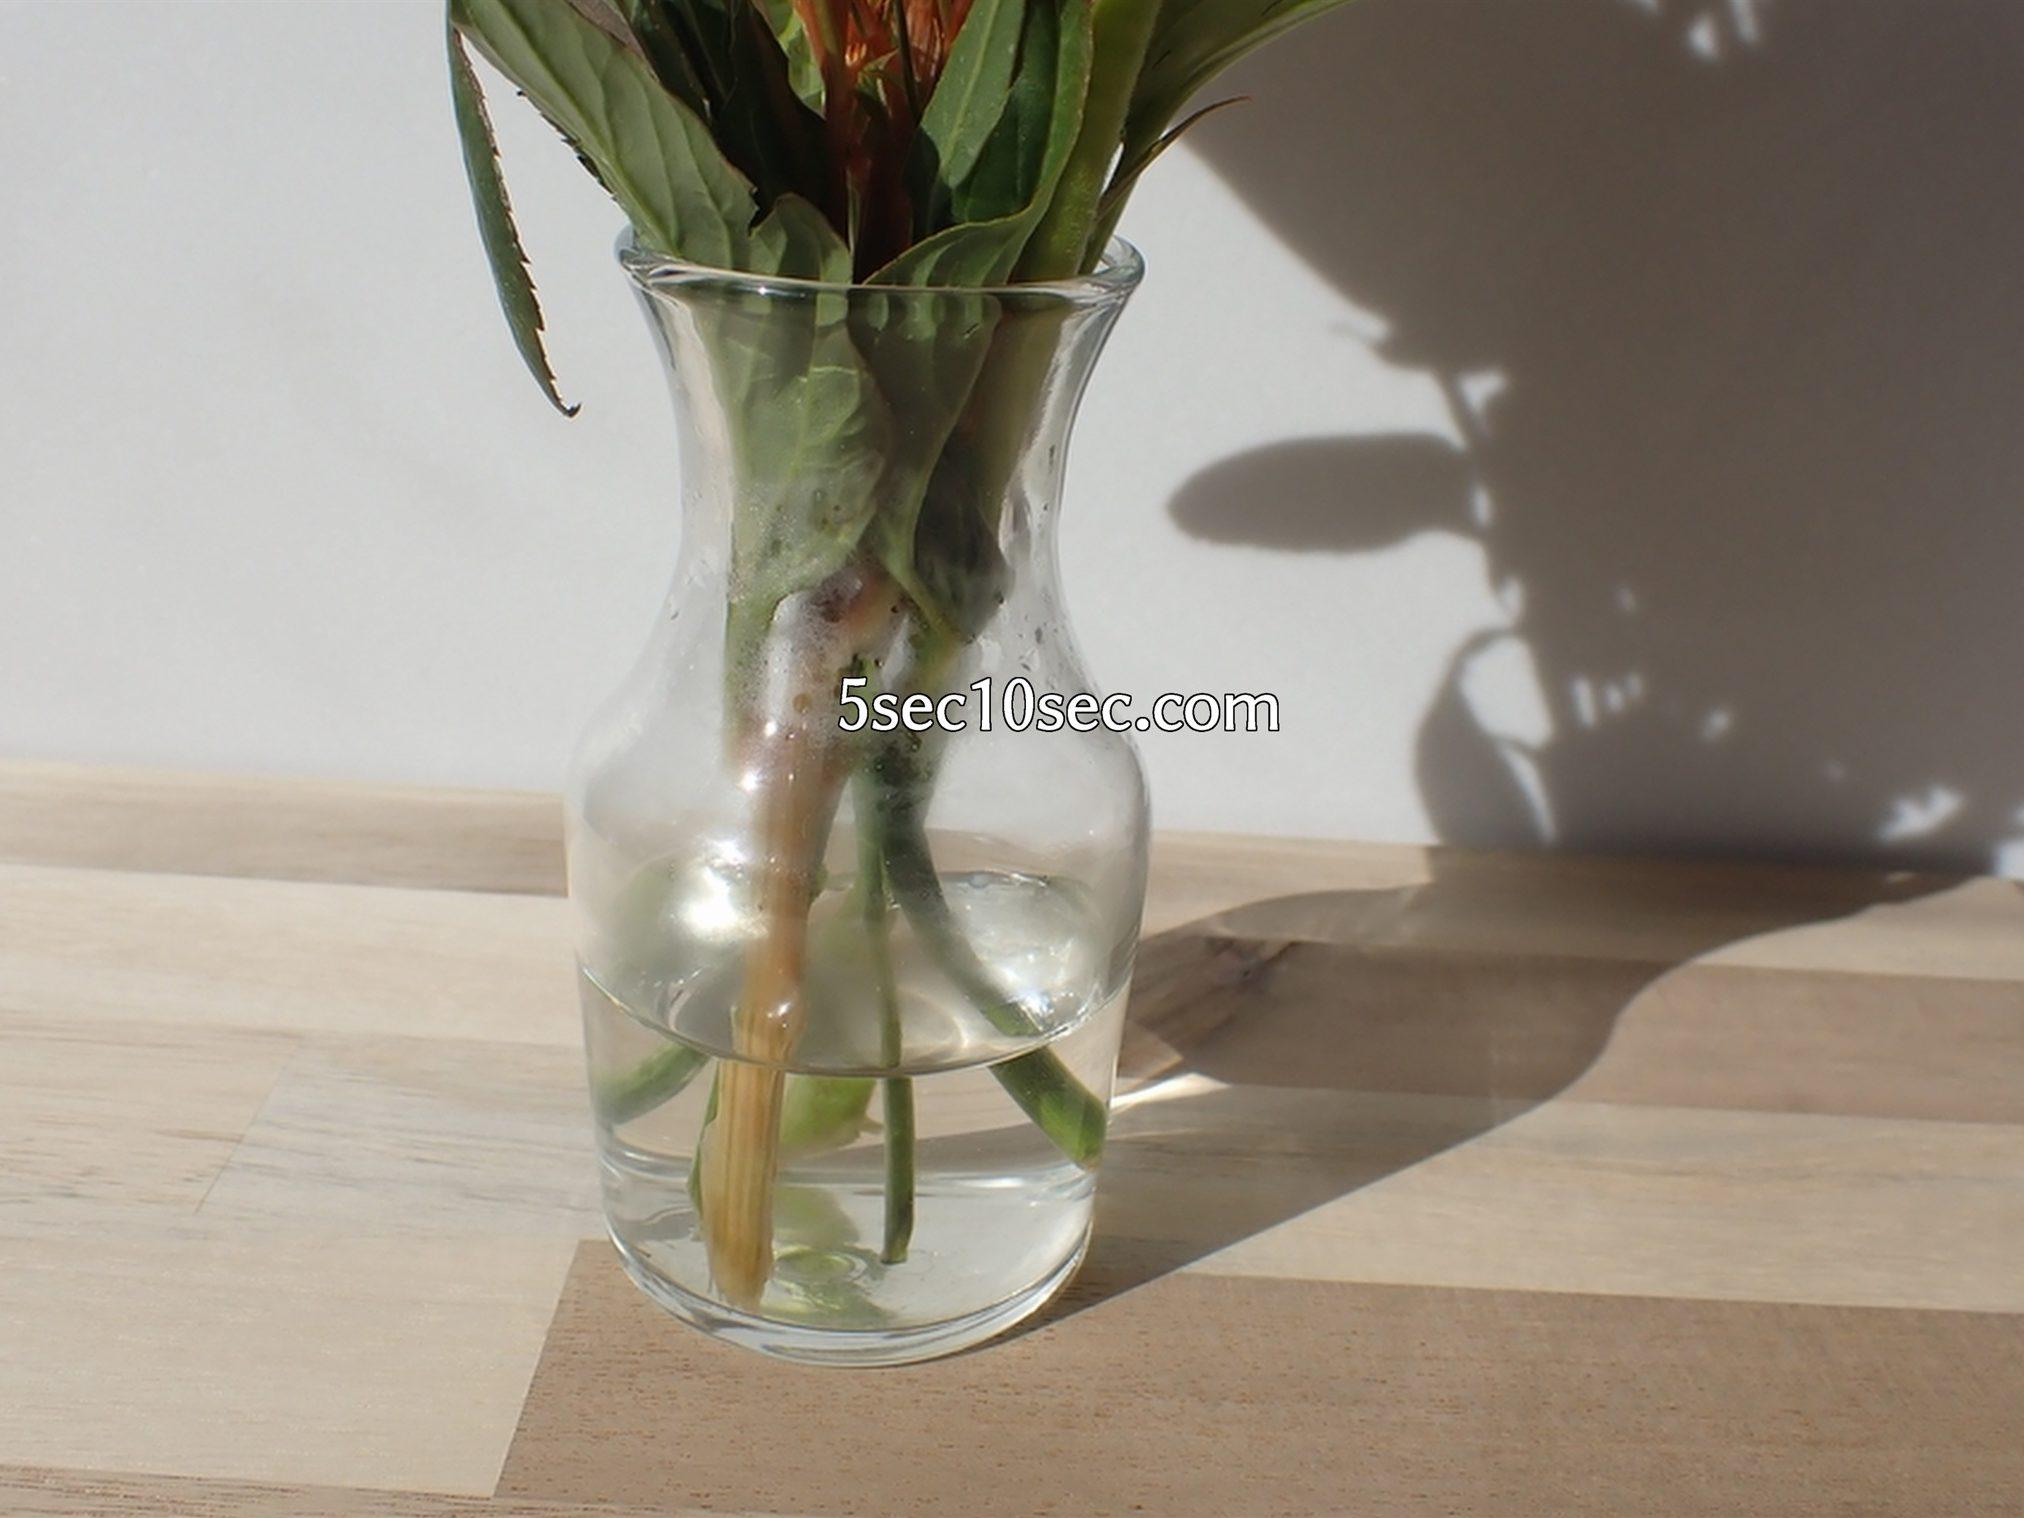 株式会社Crunch Style お花の定期便 Bloomee LIFE ブルーミーライフ レギュラープラン 届いてから6日目、初日と比べて、お水が半分以下に減っていました